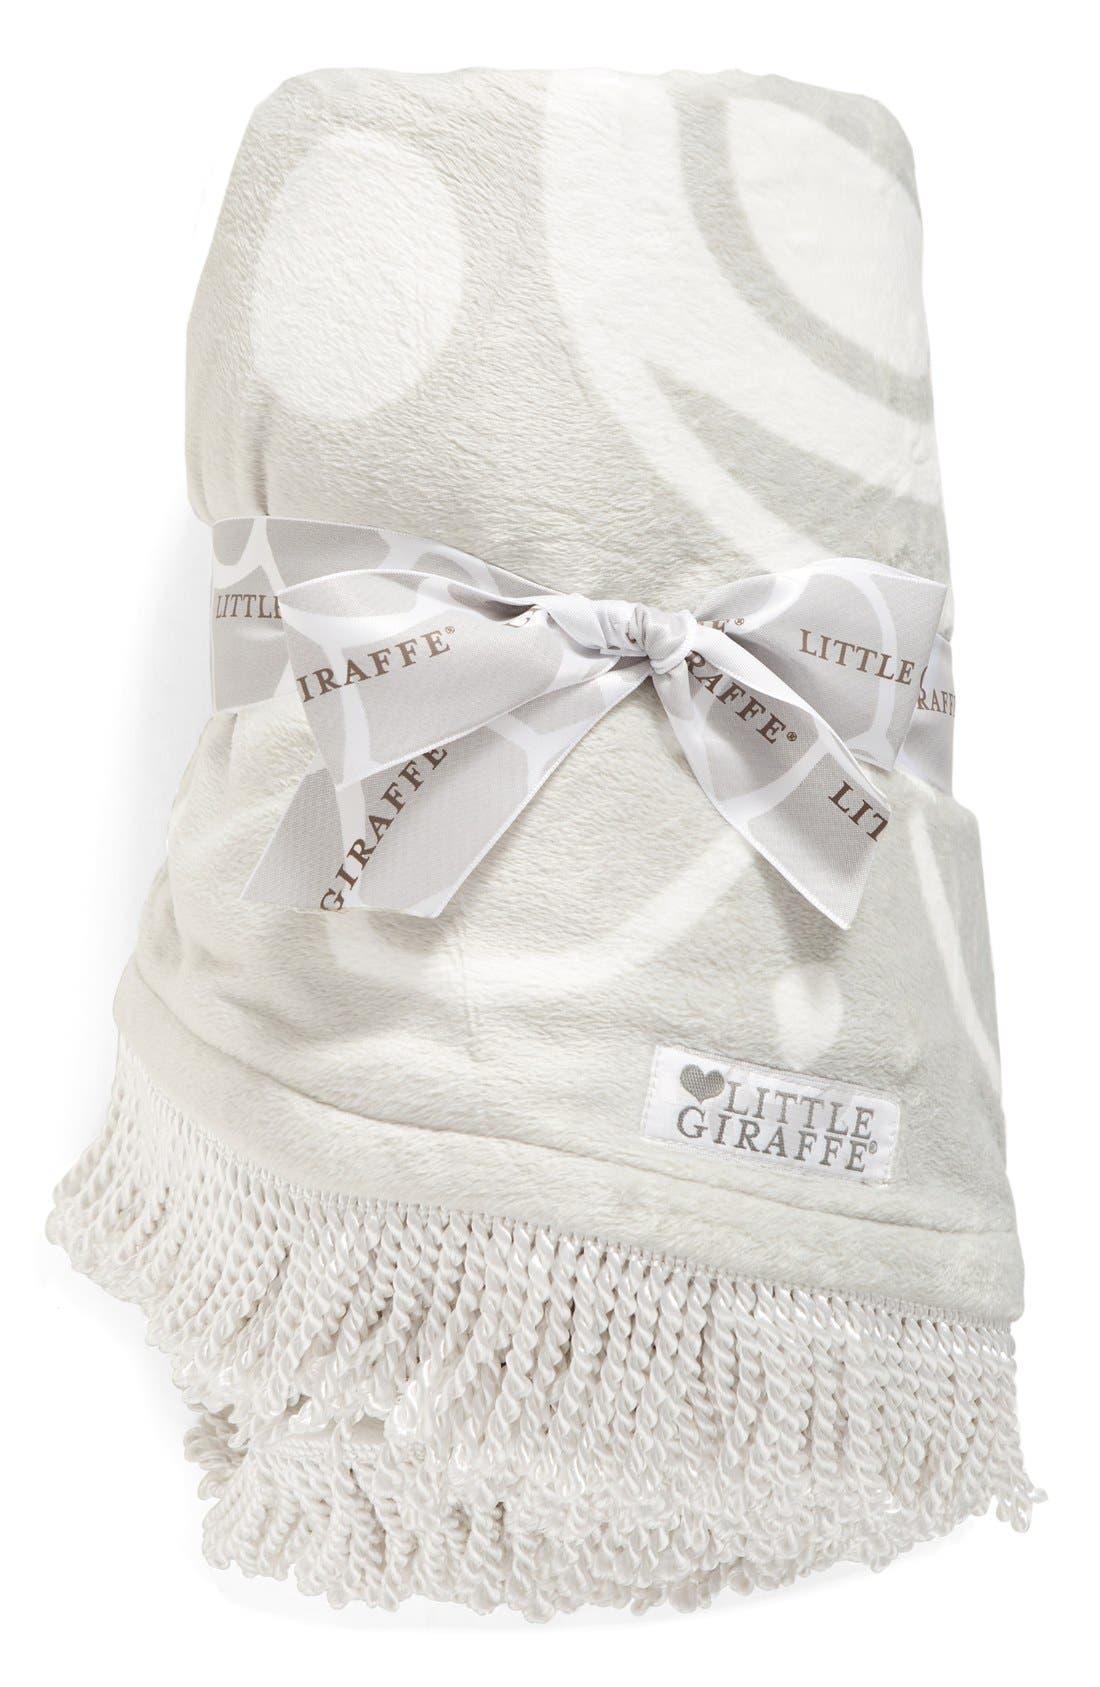 Alternate Image 1 Selected - Little Giraffe Bliss™ Round Blanket